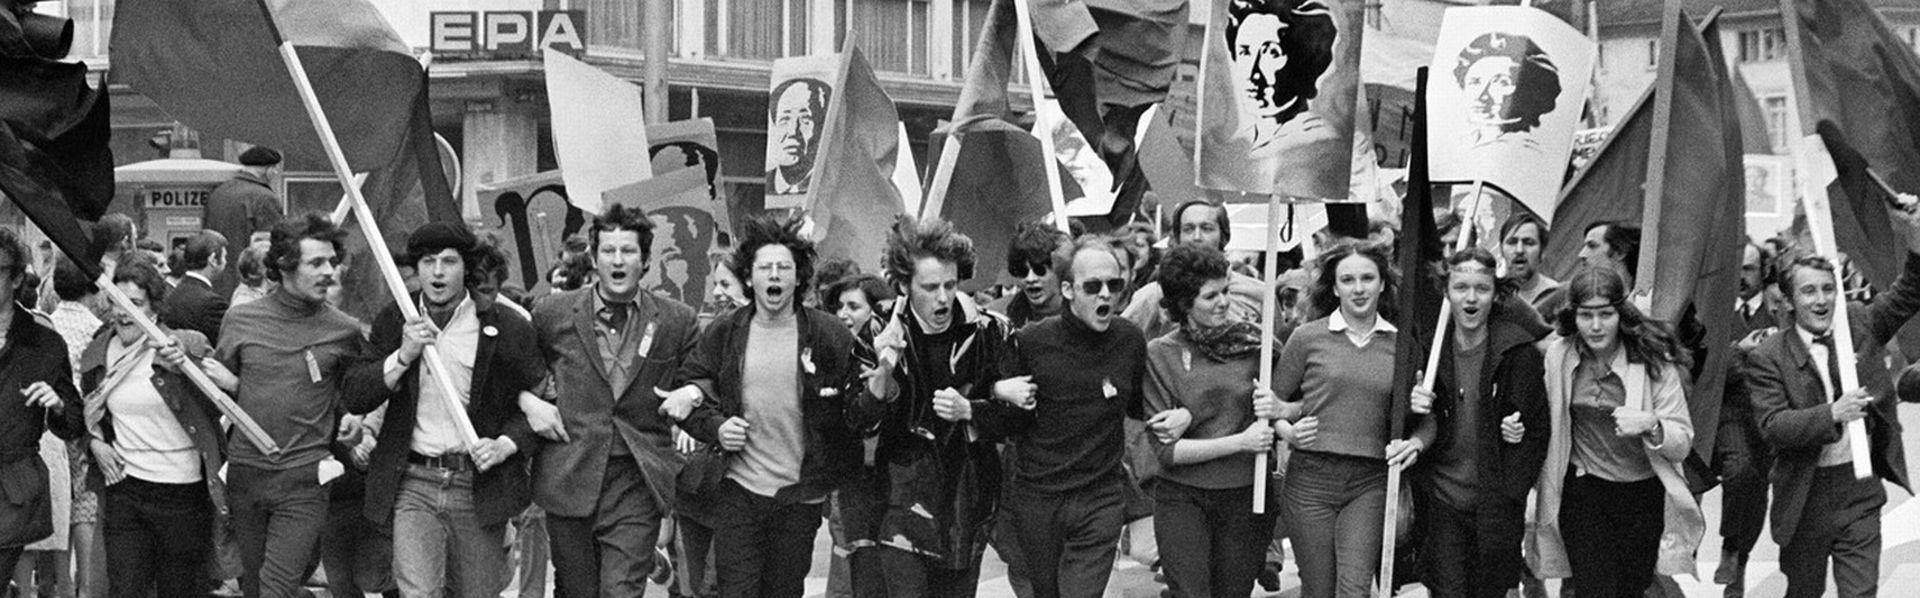 Le dossier Mai 68 en Suisse de RTS Découverte [STR - © Keystone]